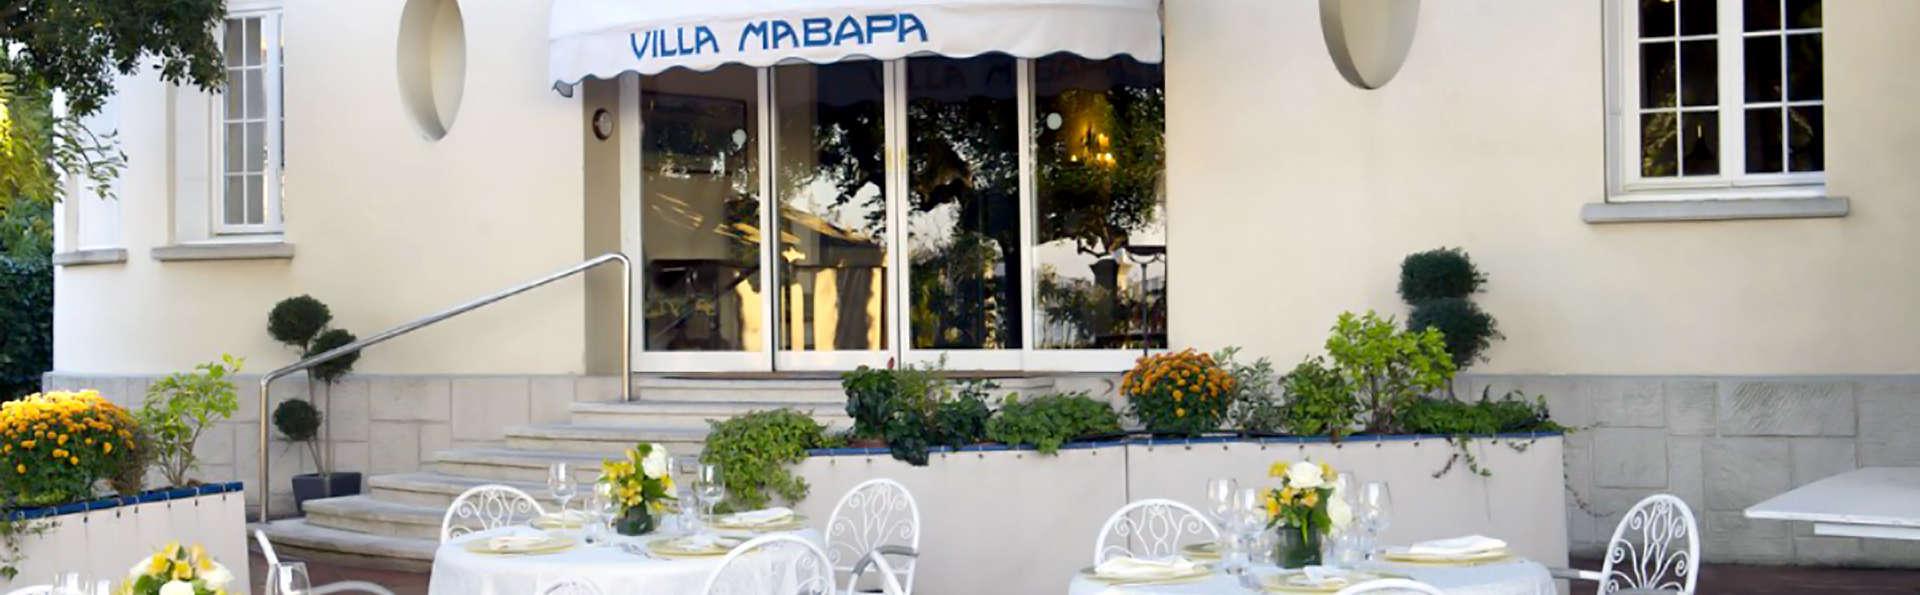 Séjour dans un 4* à quelques minutes du centre de Venise (non remboursable)